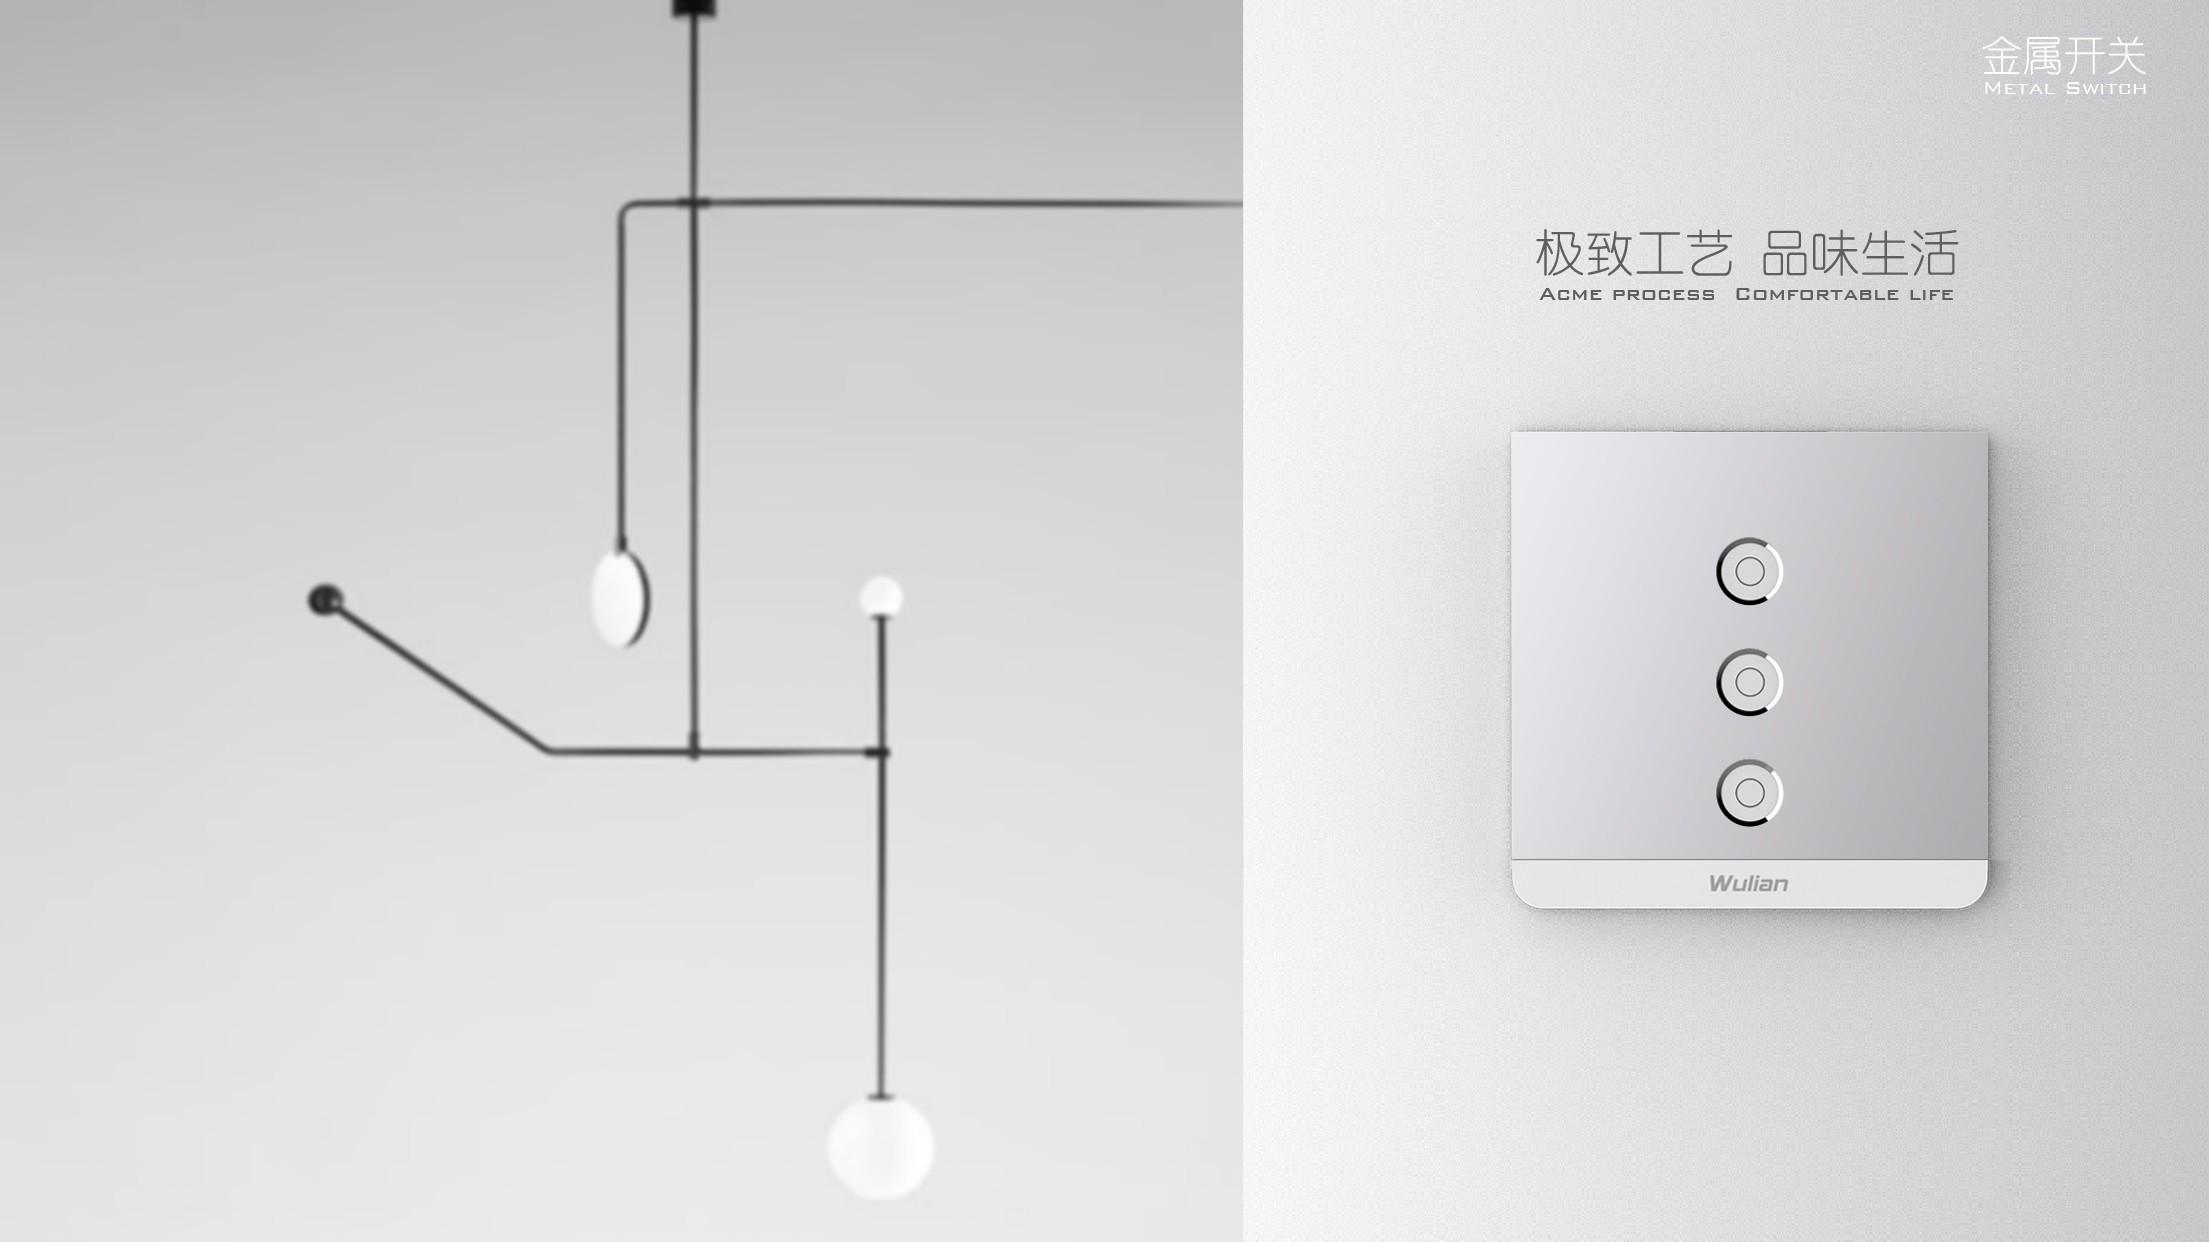 家居智尚系列金属智能单零火自适应开关4.jpg